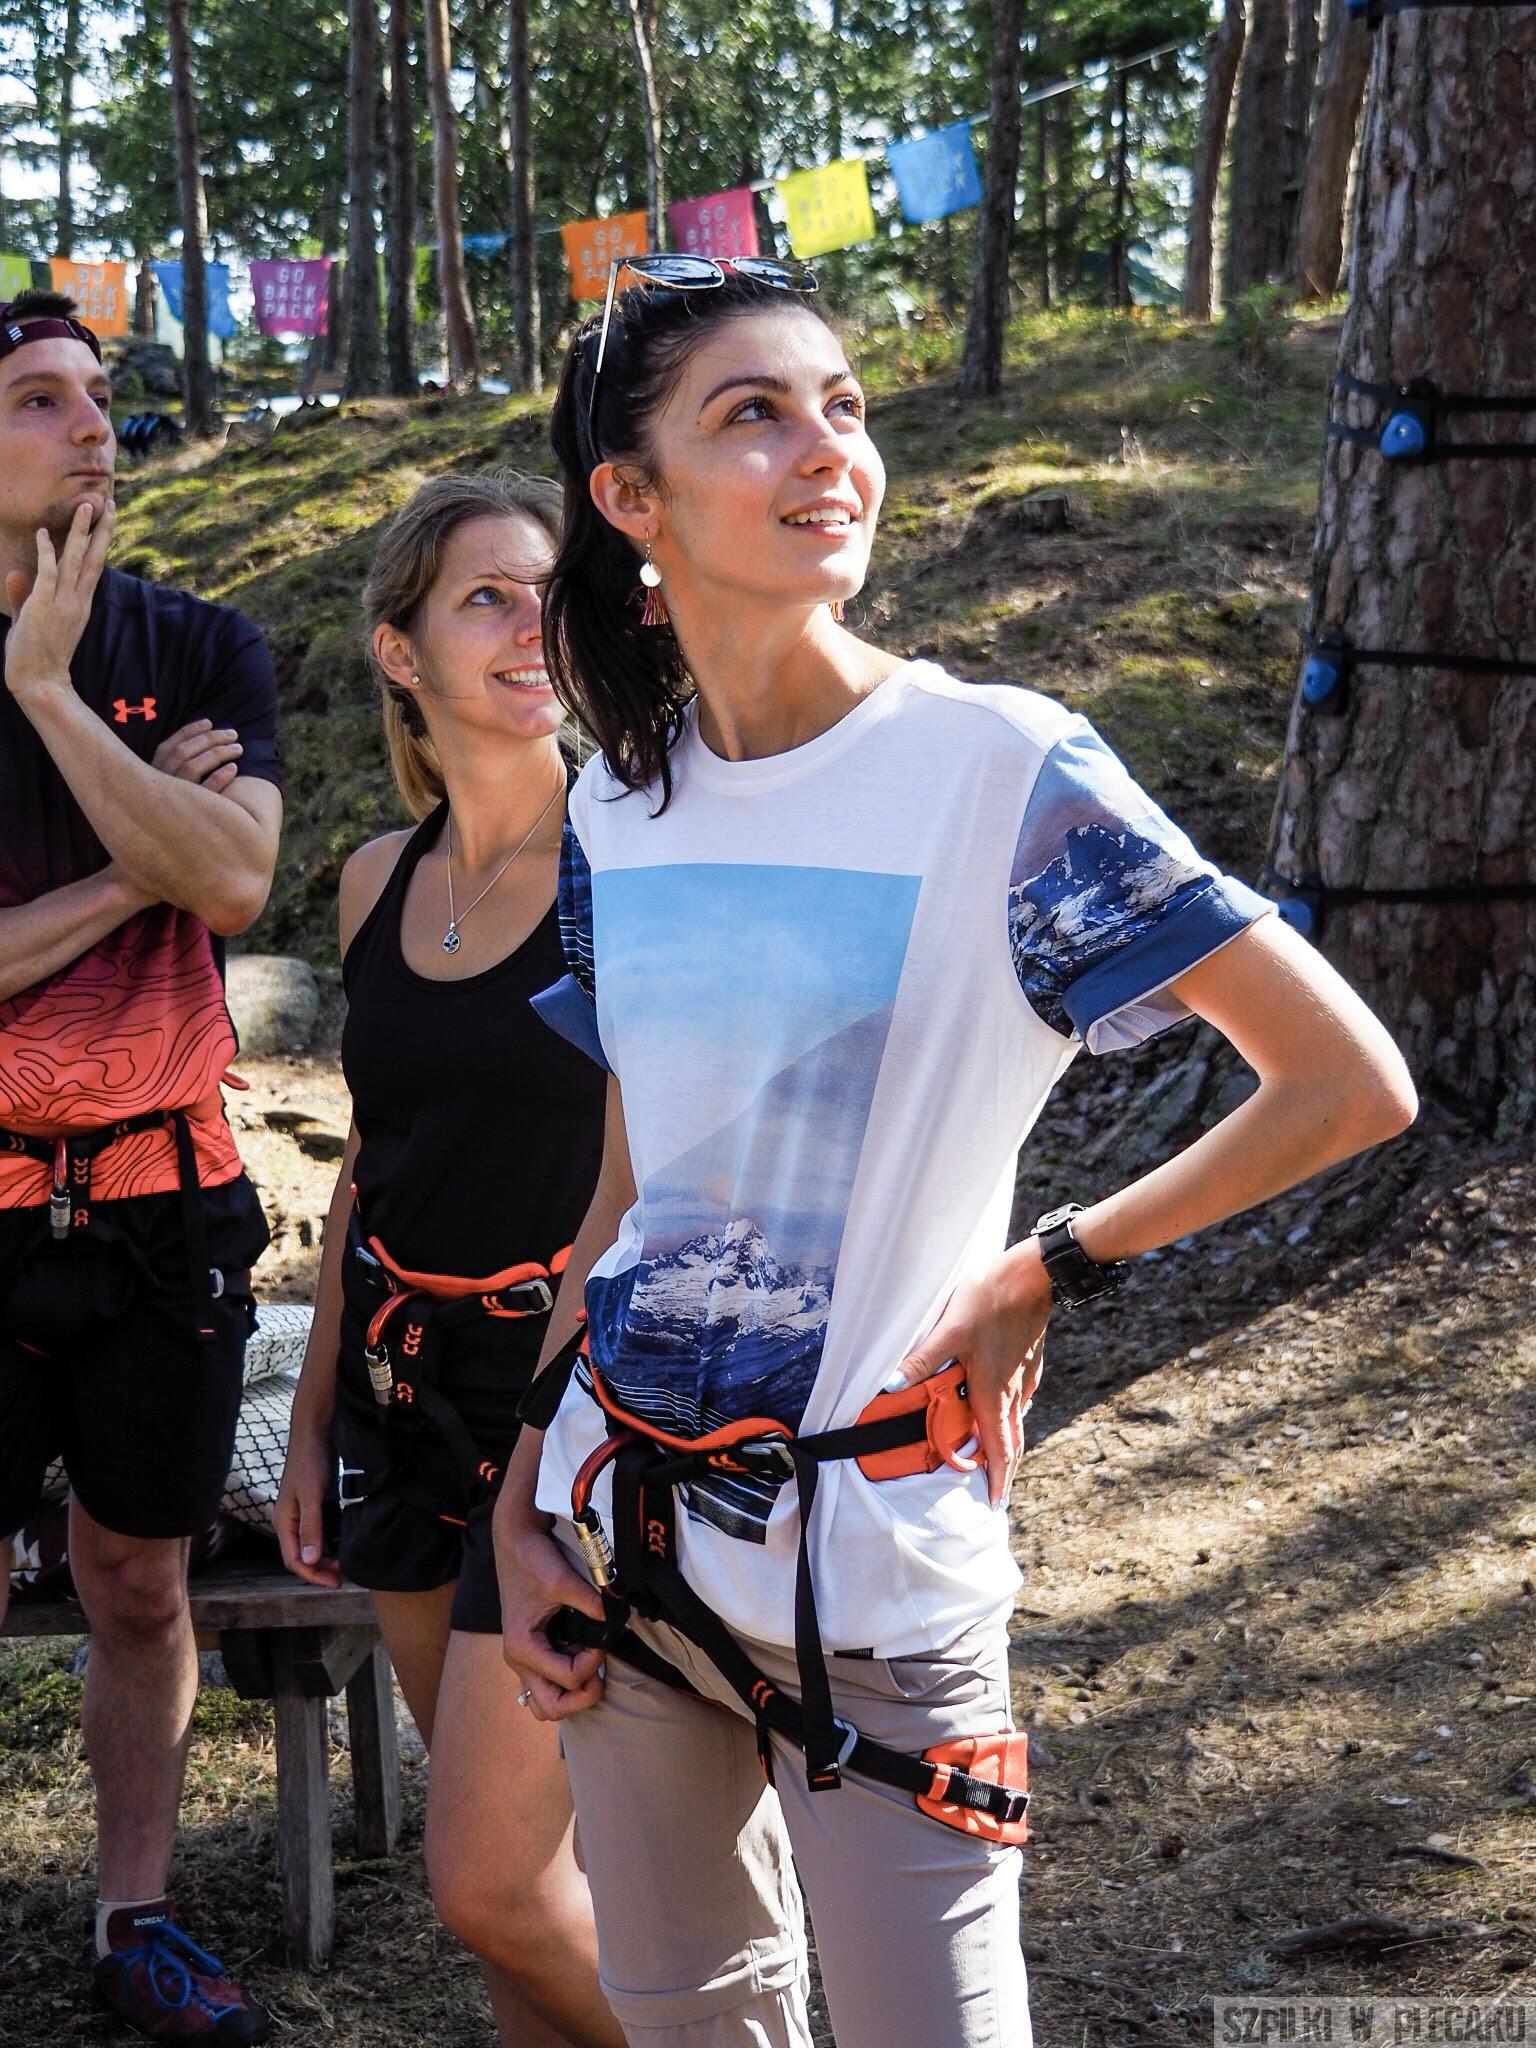 #gobackpack camp - Szpilki w plecaku - Szwecja - Ewa Chojnowska-Lesiak